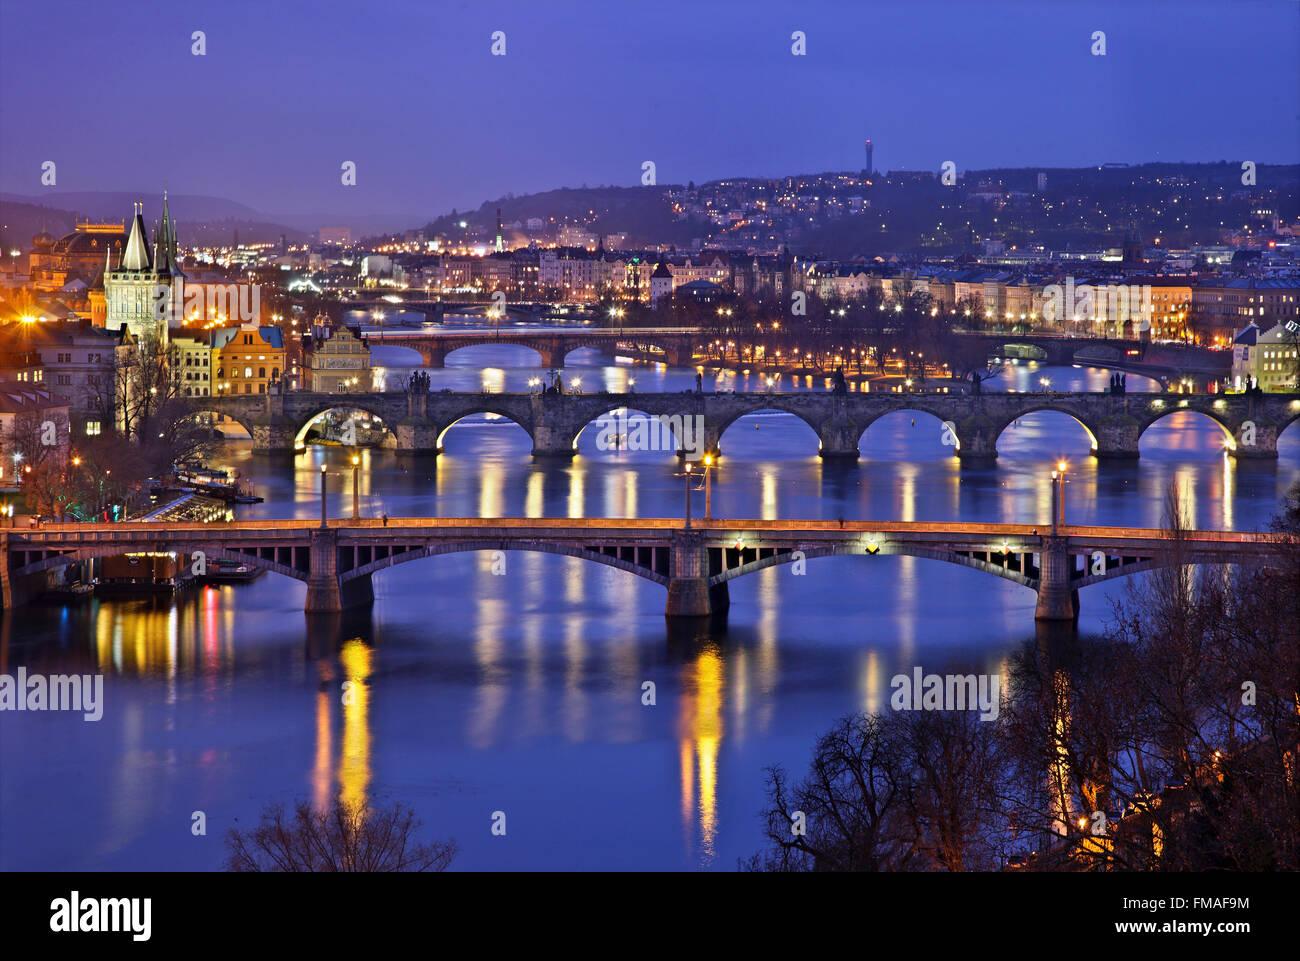 Les ponts sur la Vltava (Moldau), rivière, Prague, République tchèque. Celui du milieu est le célèbre Photo Stock